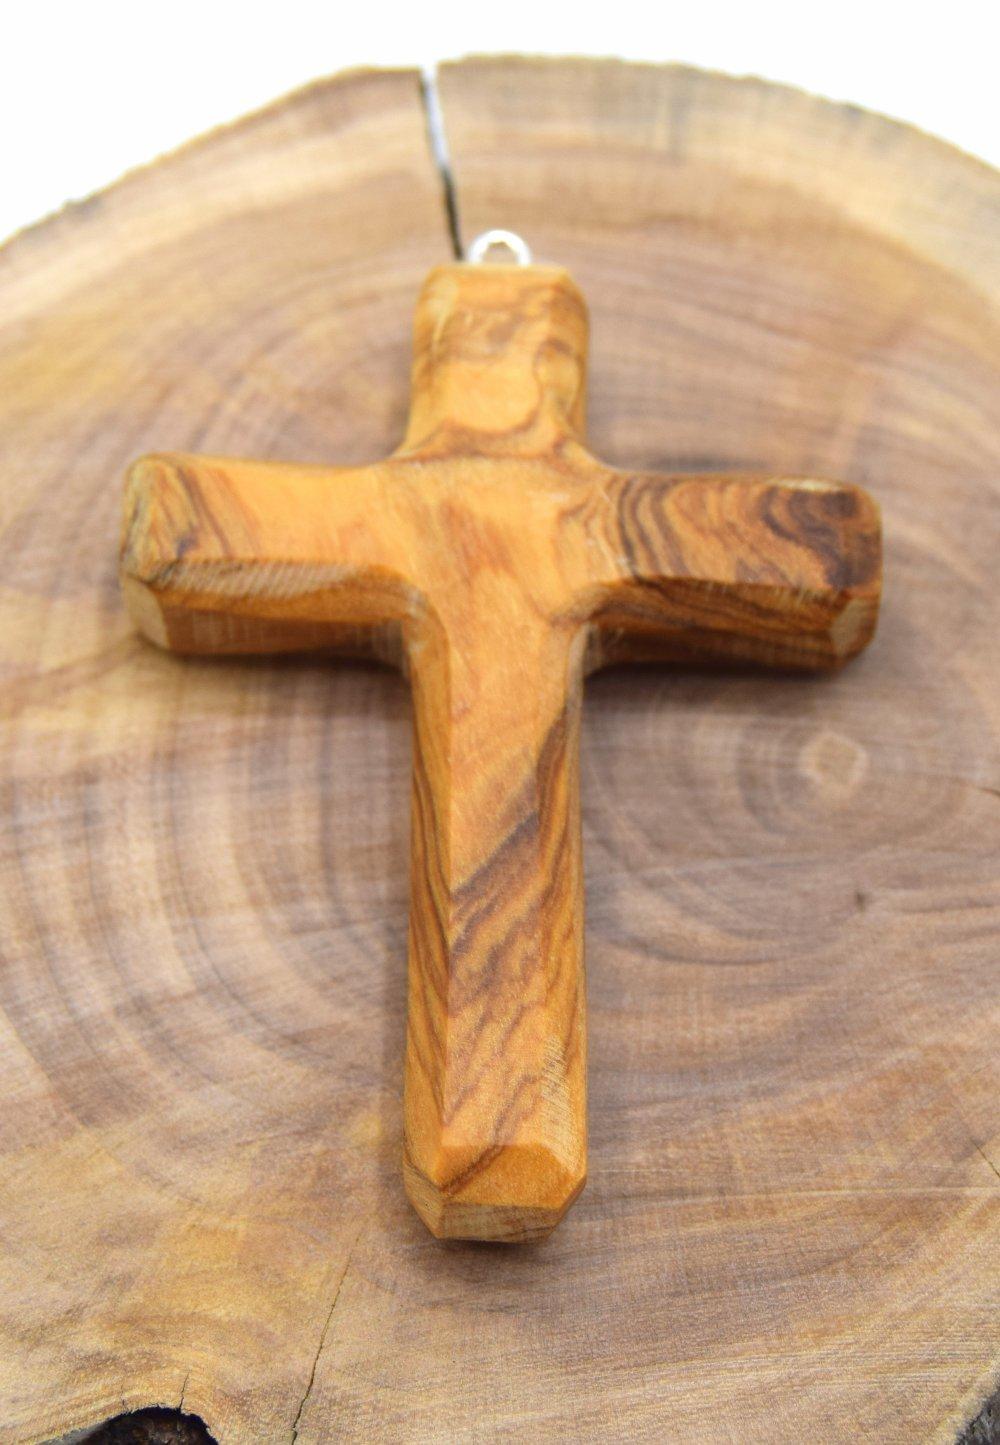 Croix chrétienne fabriqué de façon artisanale en bois d'olivier poli